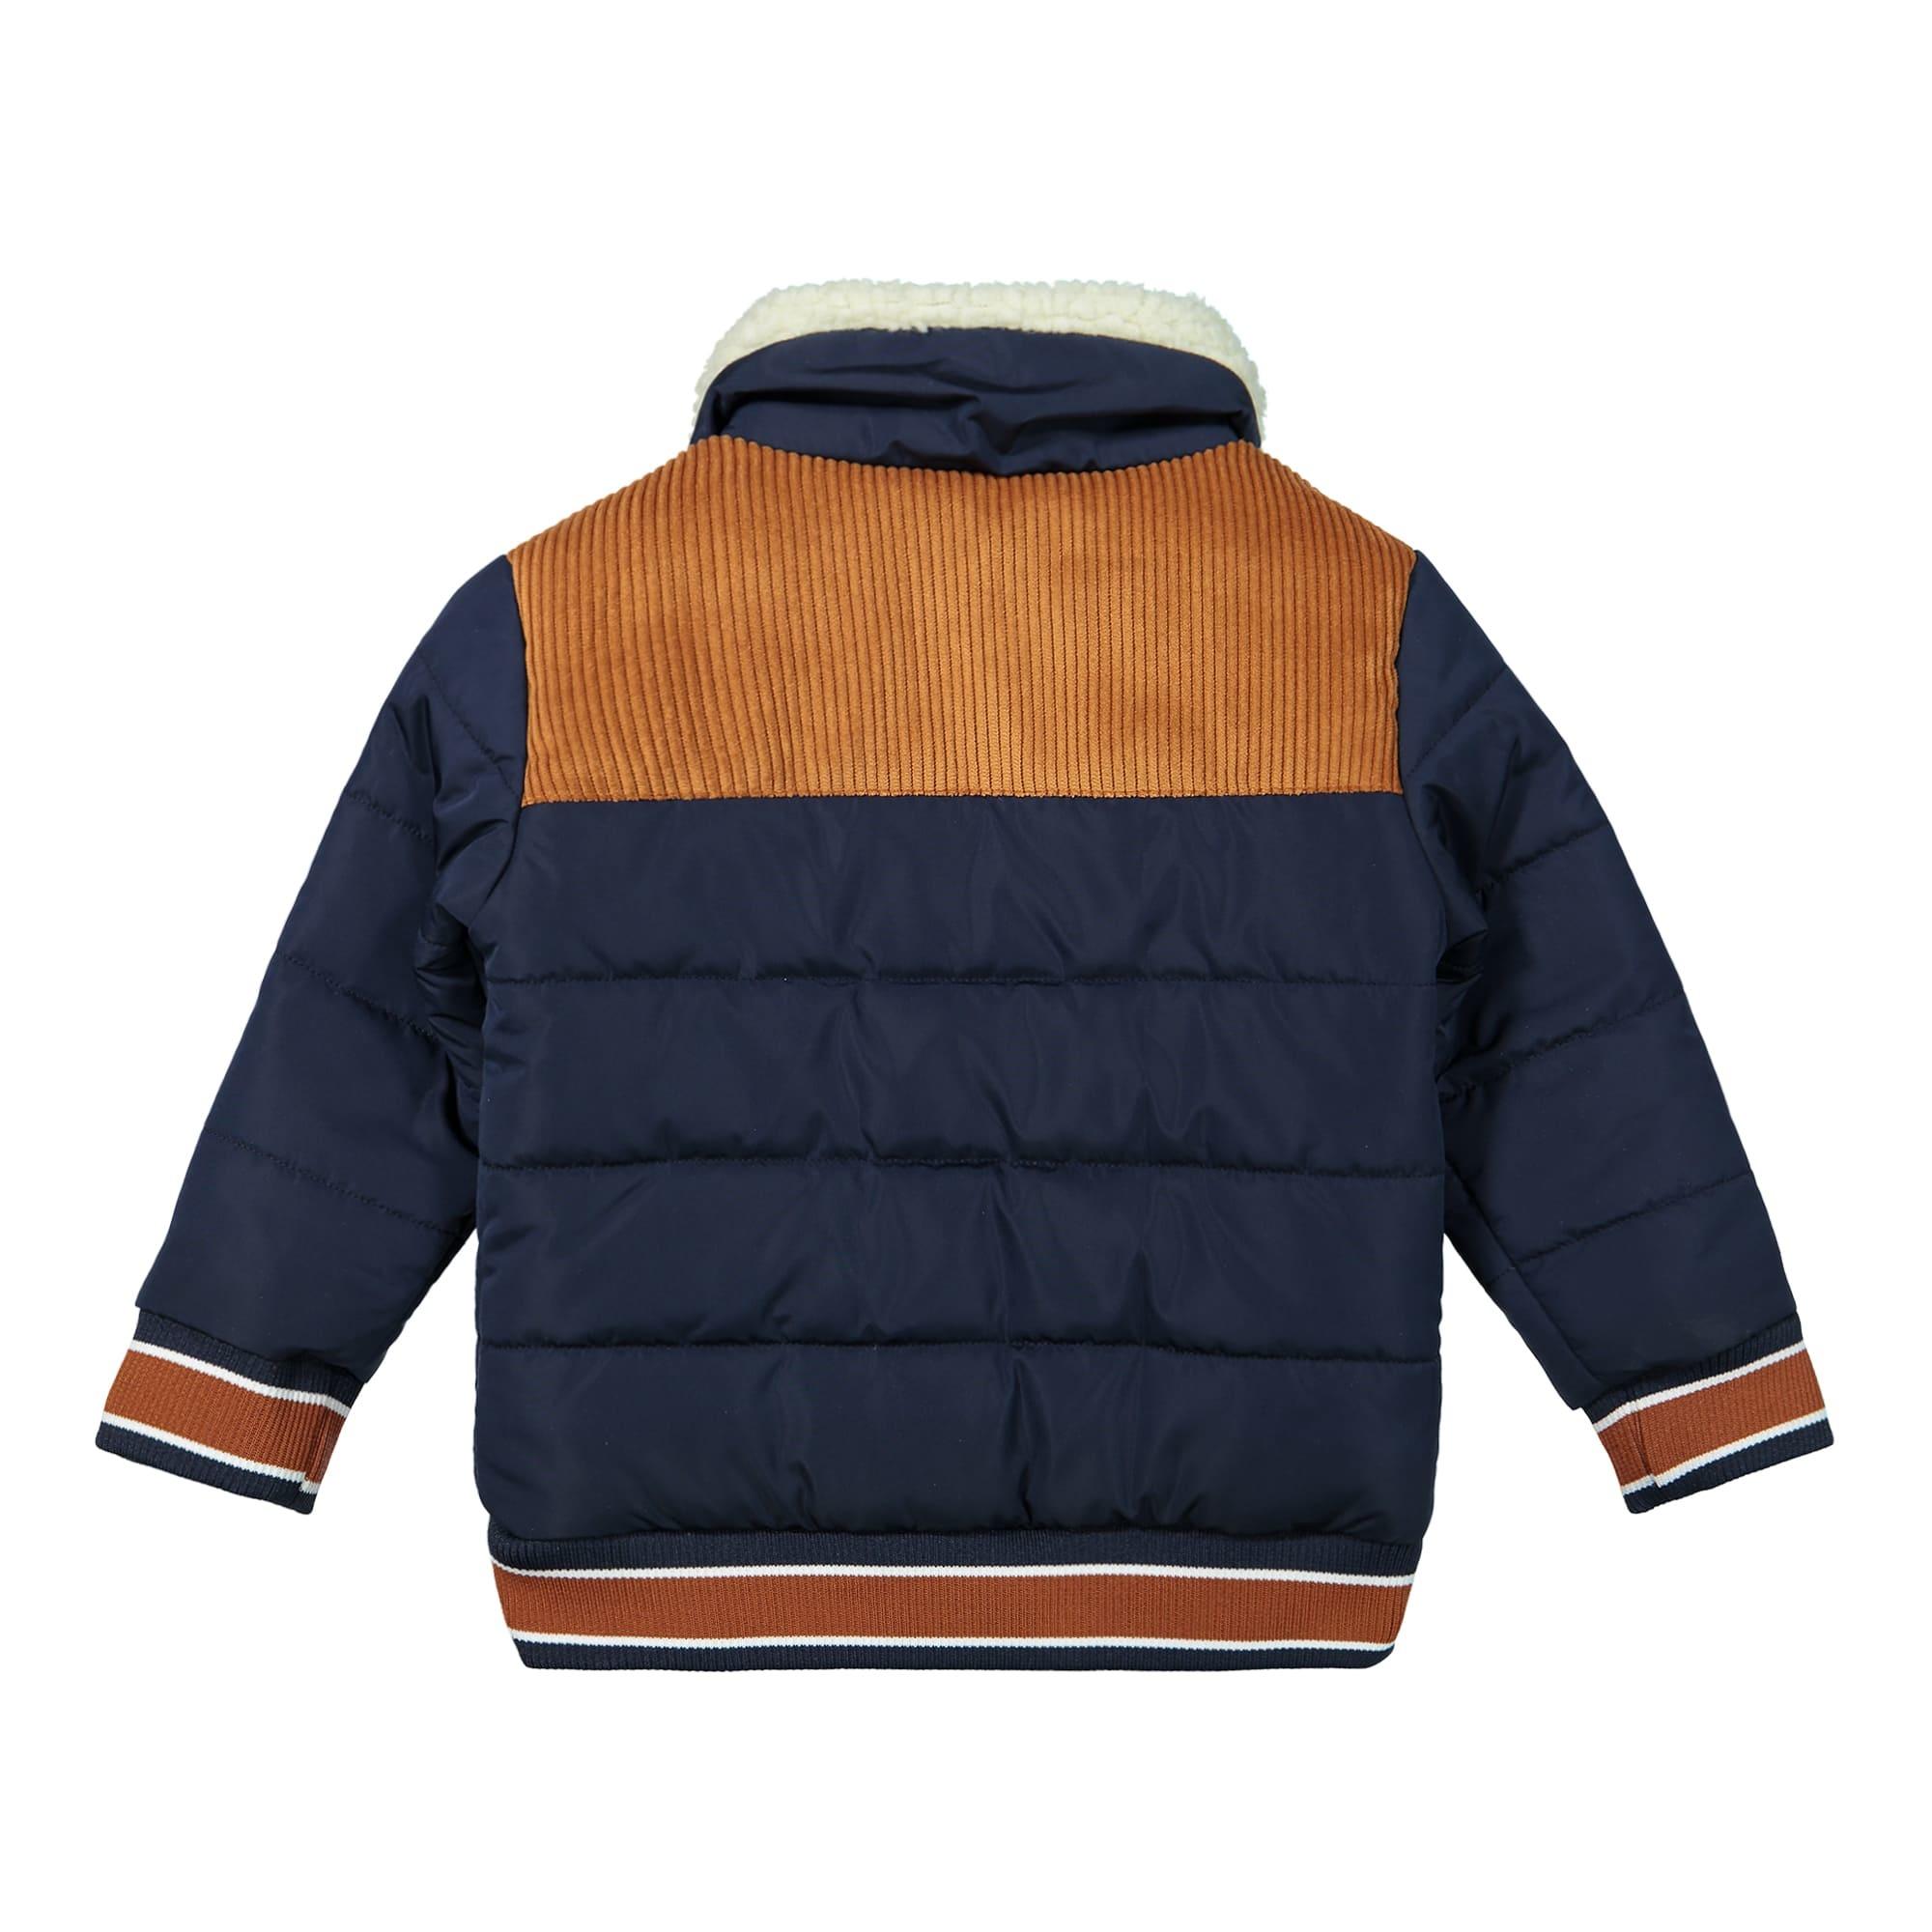 Koko Noko Boys Jacket - F40819-37